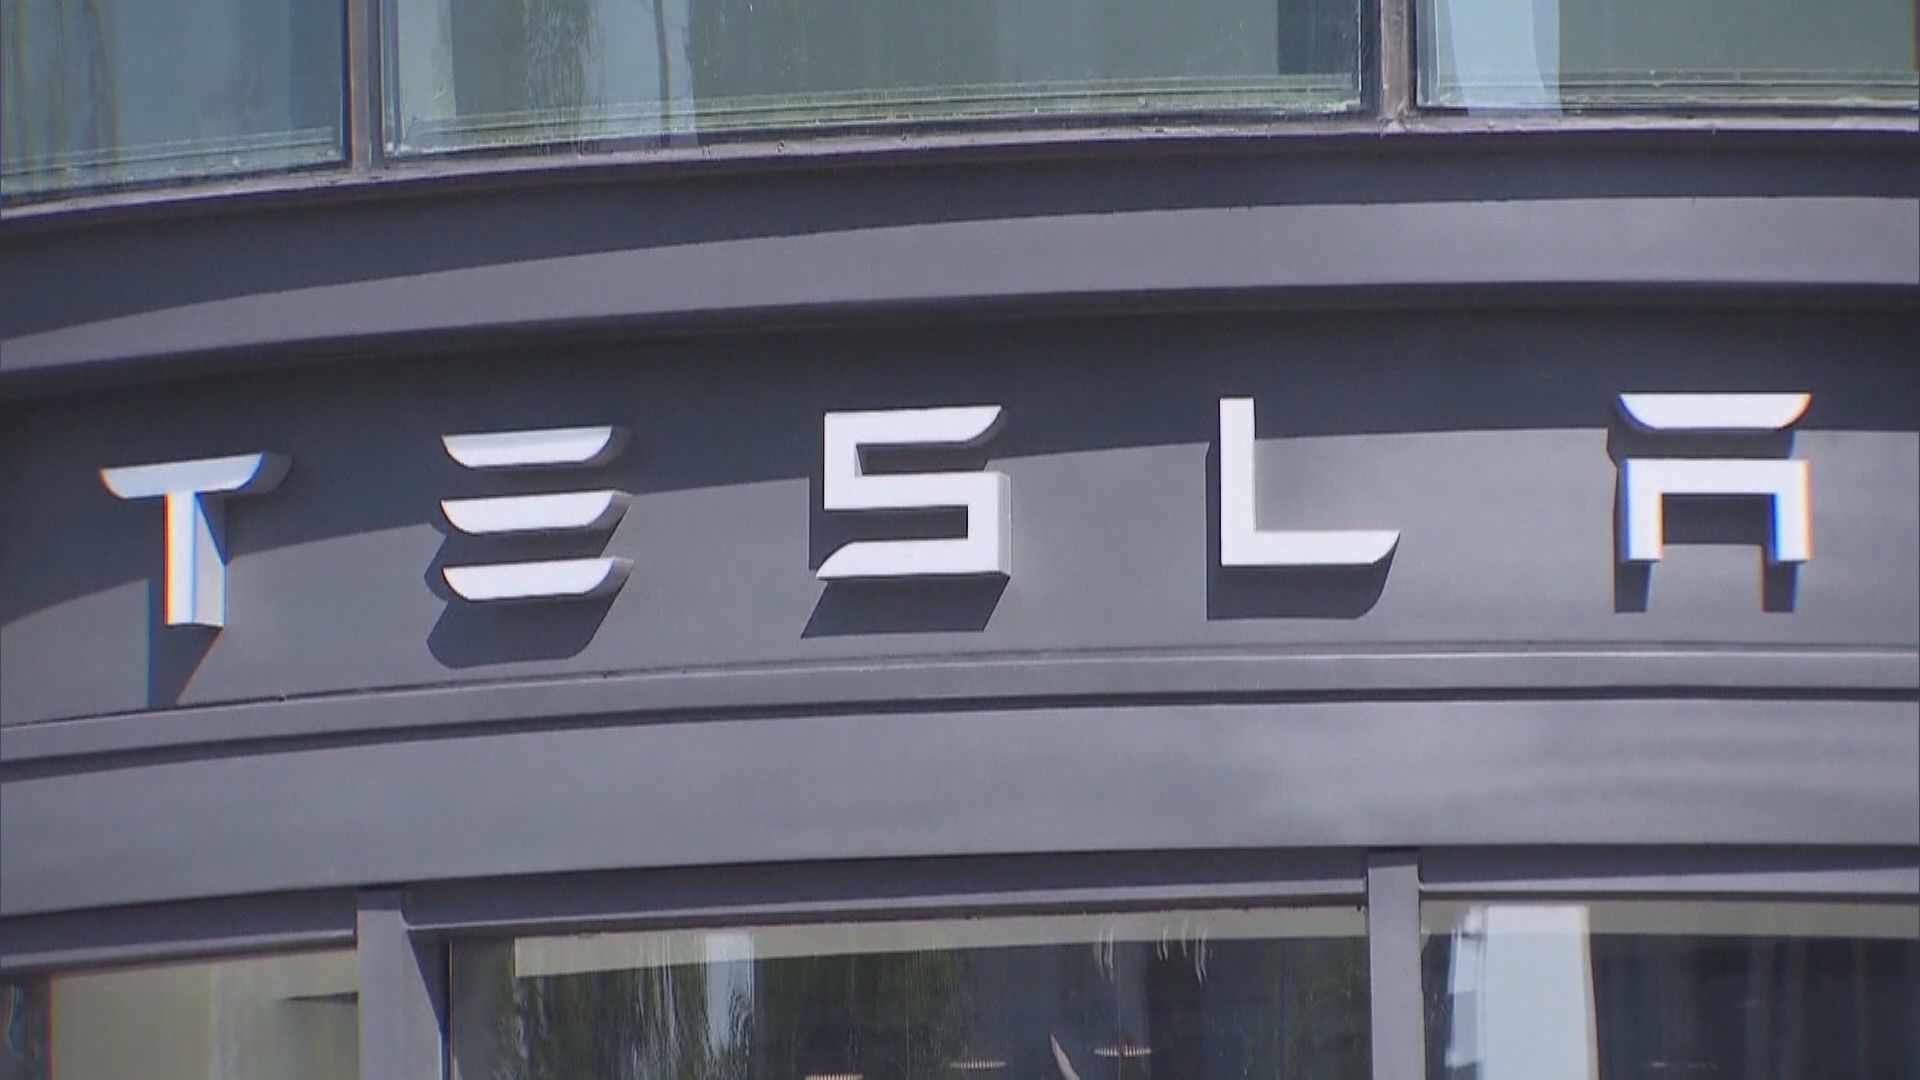 Tesla復工遇阻馬斯克威脅遷廠 多州表態歡迎搬到當地